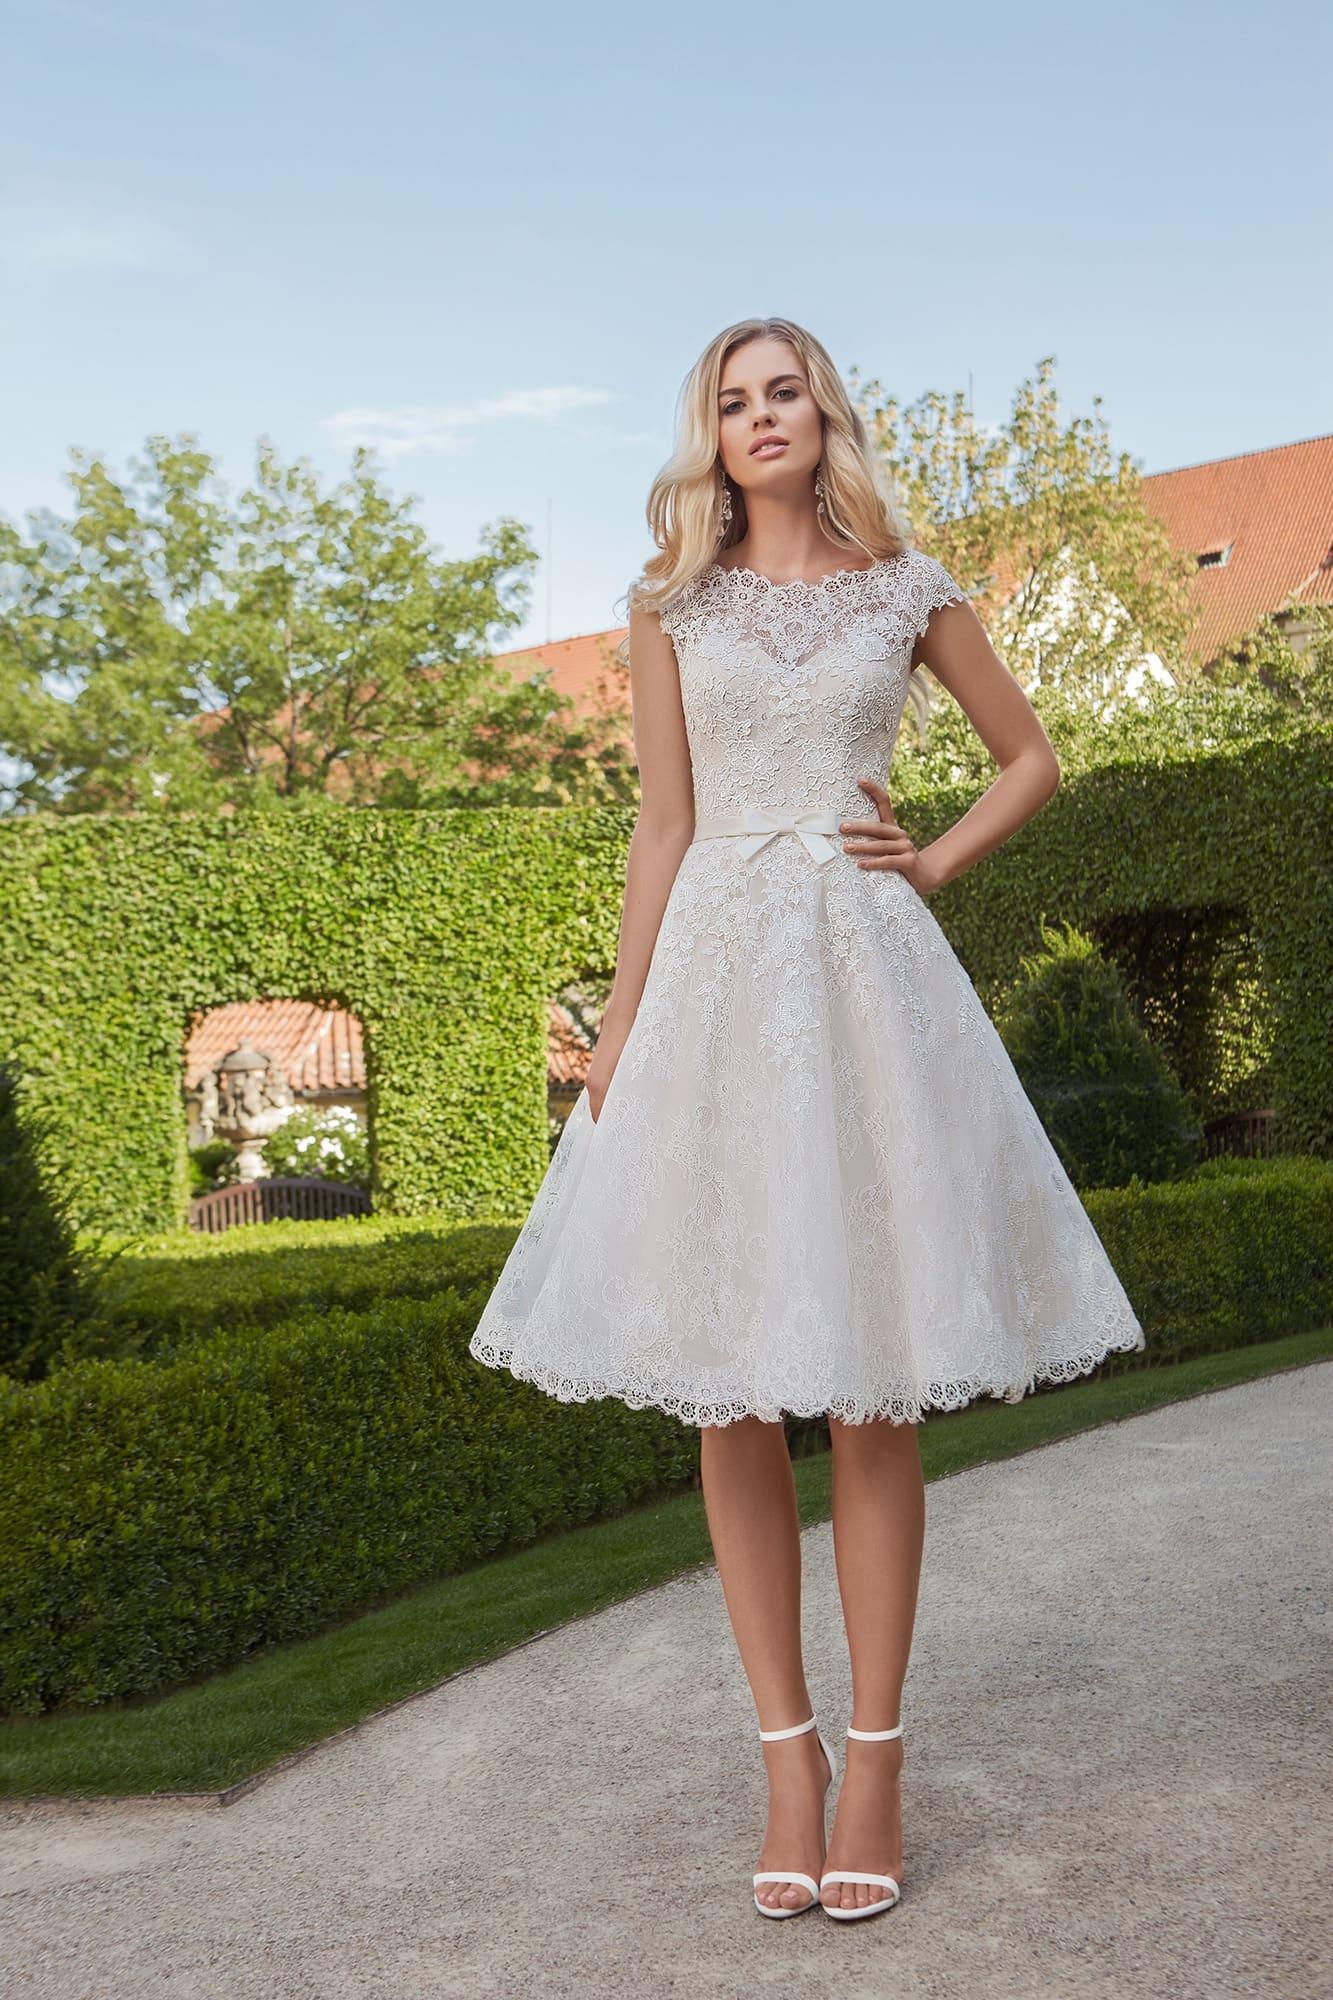 529a85984dd Кокетливое свадебное платье с кружевной отделкой и пышной юбкой длиной до  колена.